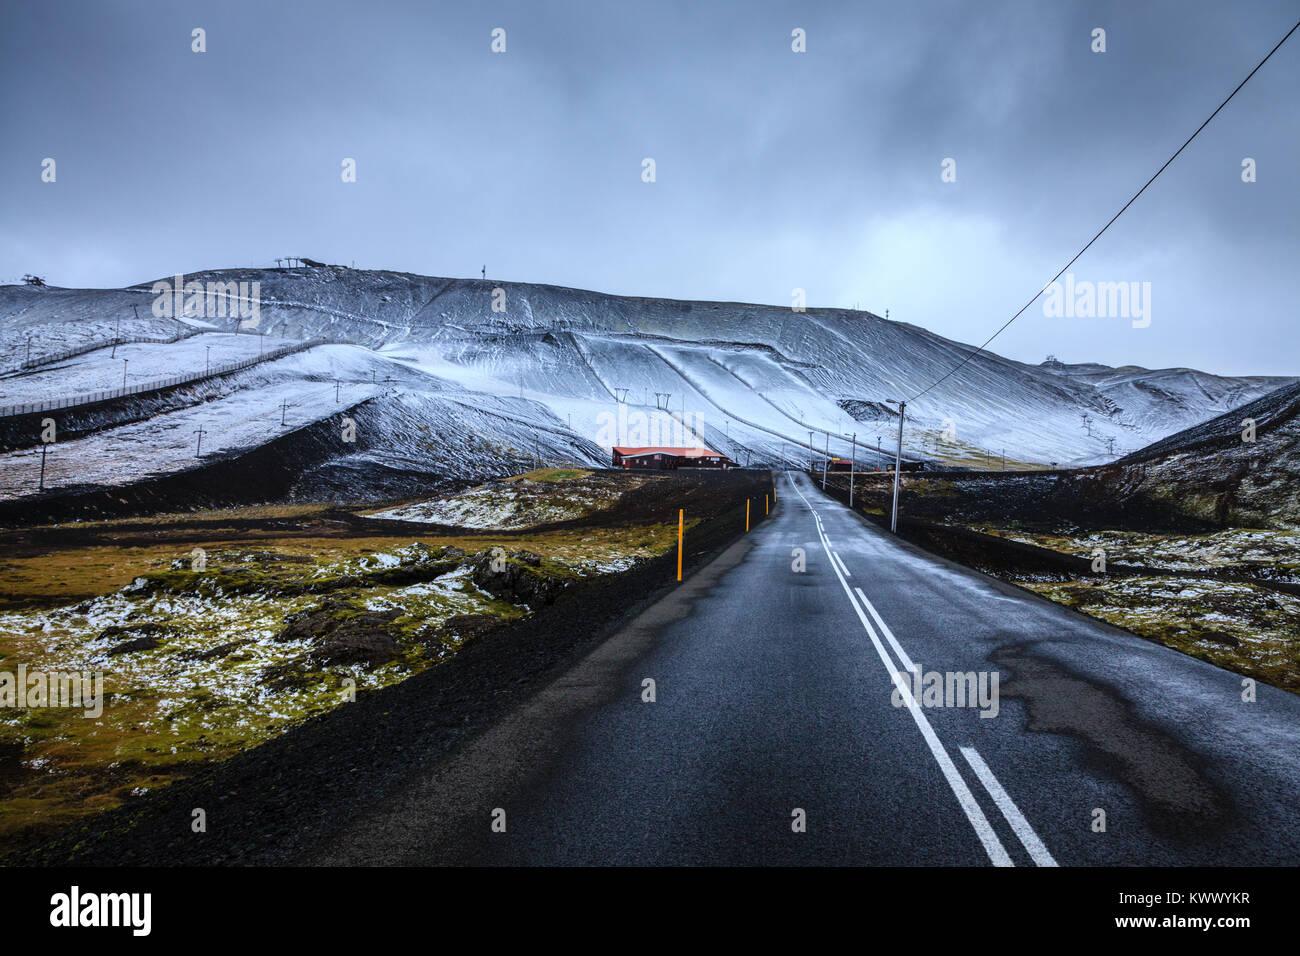 Primera nieve en Blafjoll ski resort en Islandia a principios de septiembre Imagen De Stock